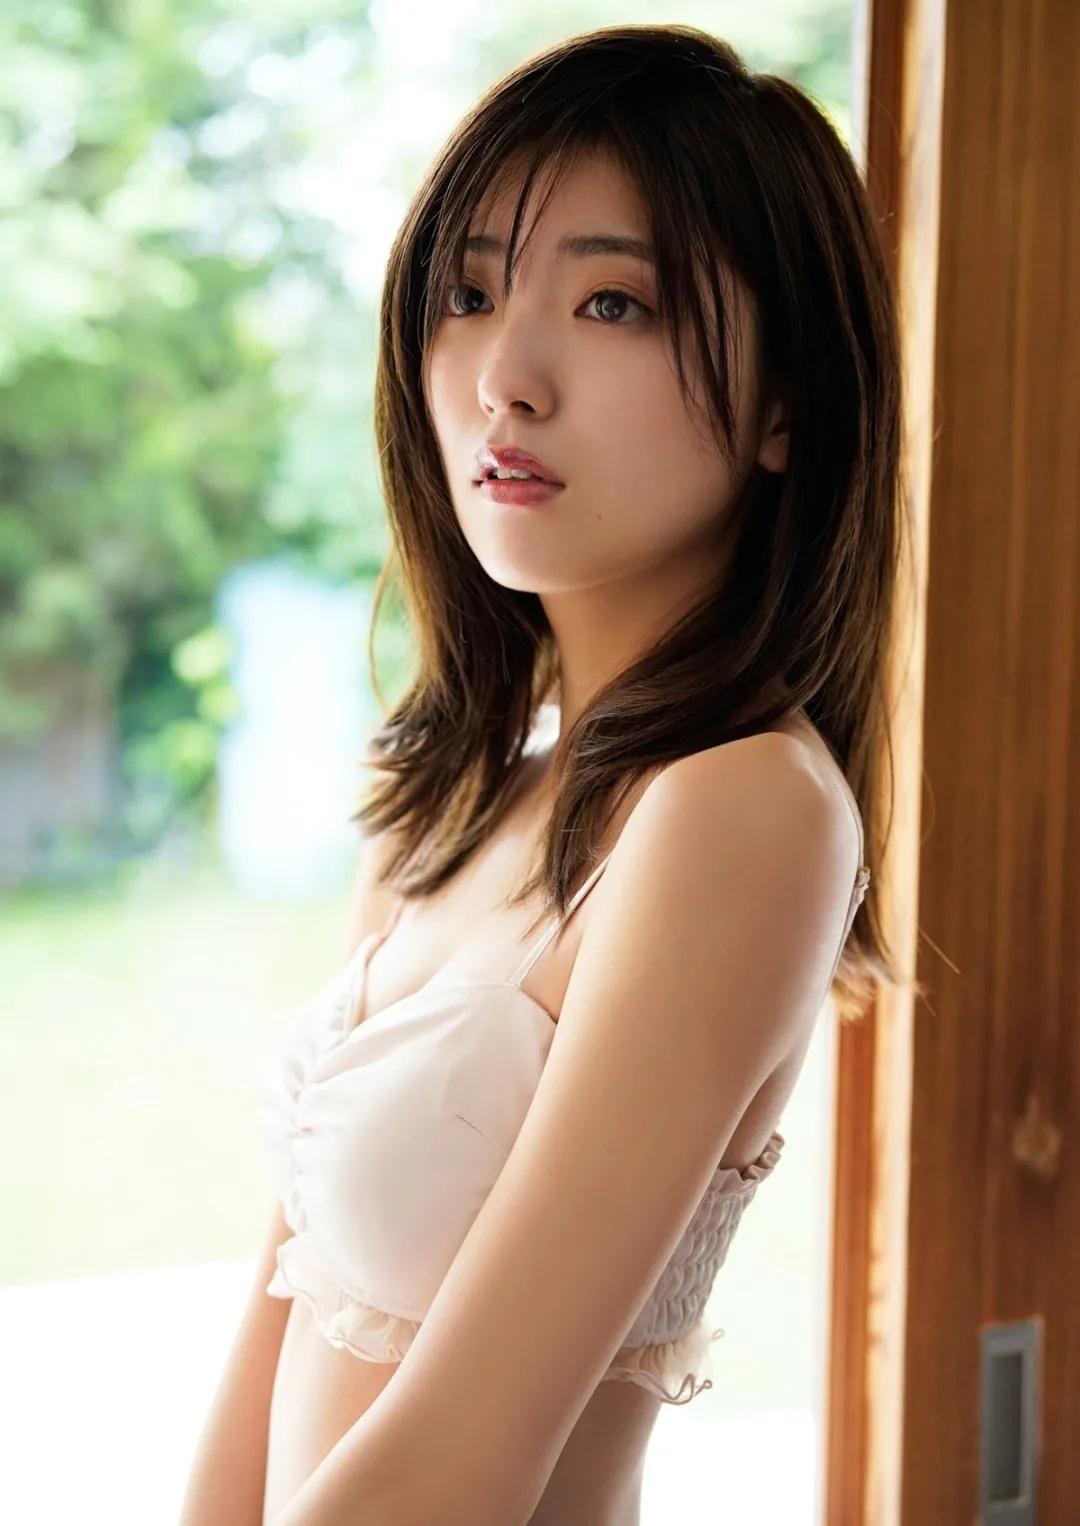 清纯至极人美如其名的工藤美樱写真作品 (23)